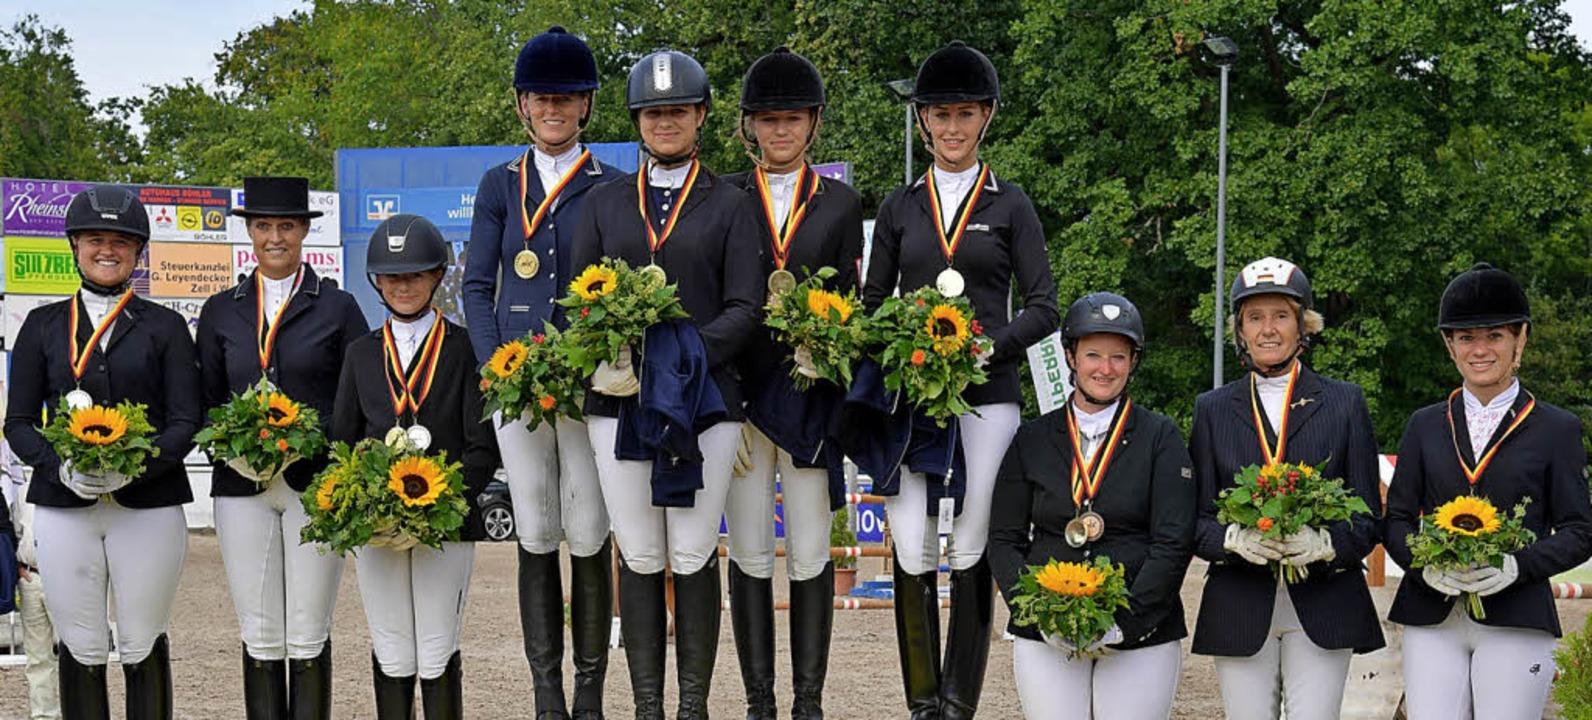 Medaillengewinner der Ringmeisterschaften Oberrhein.  | Foto: Achim Keller